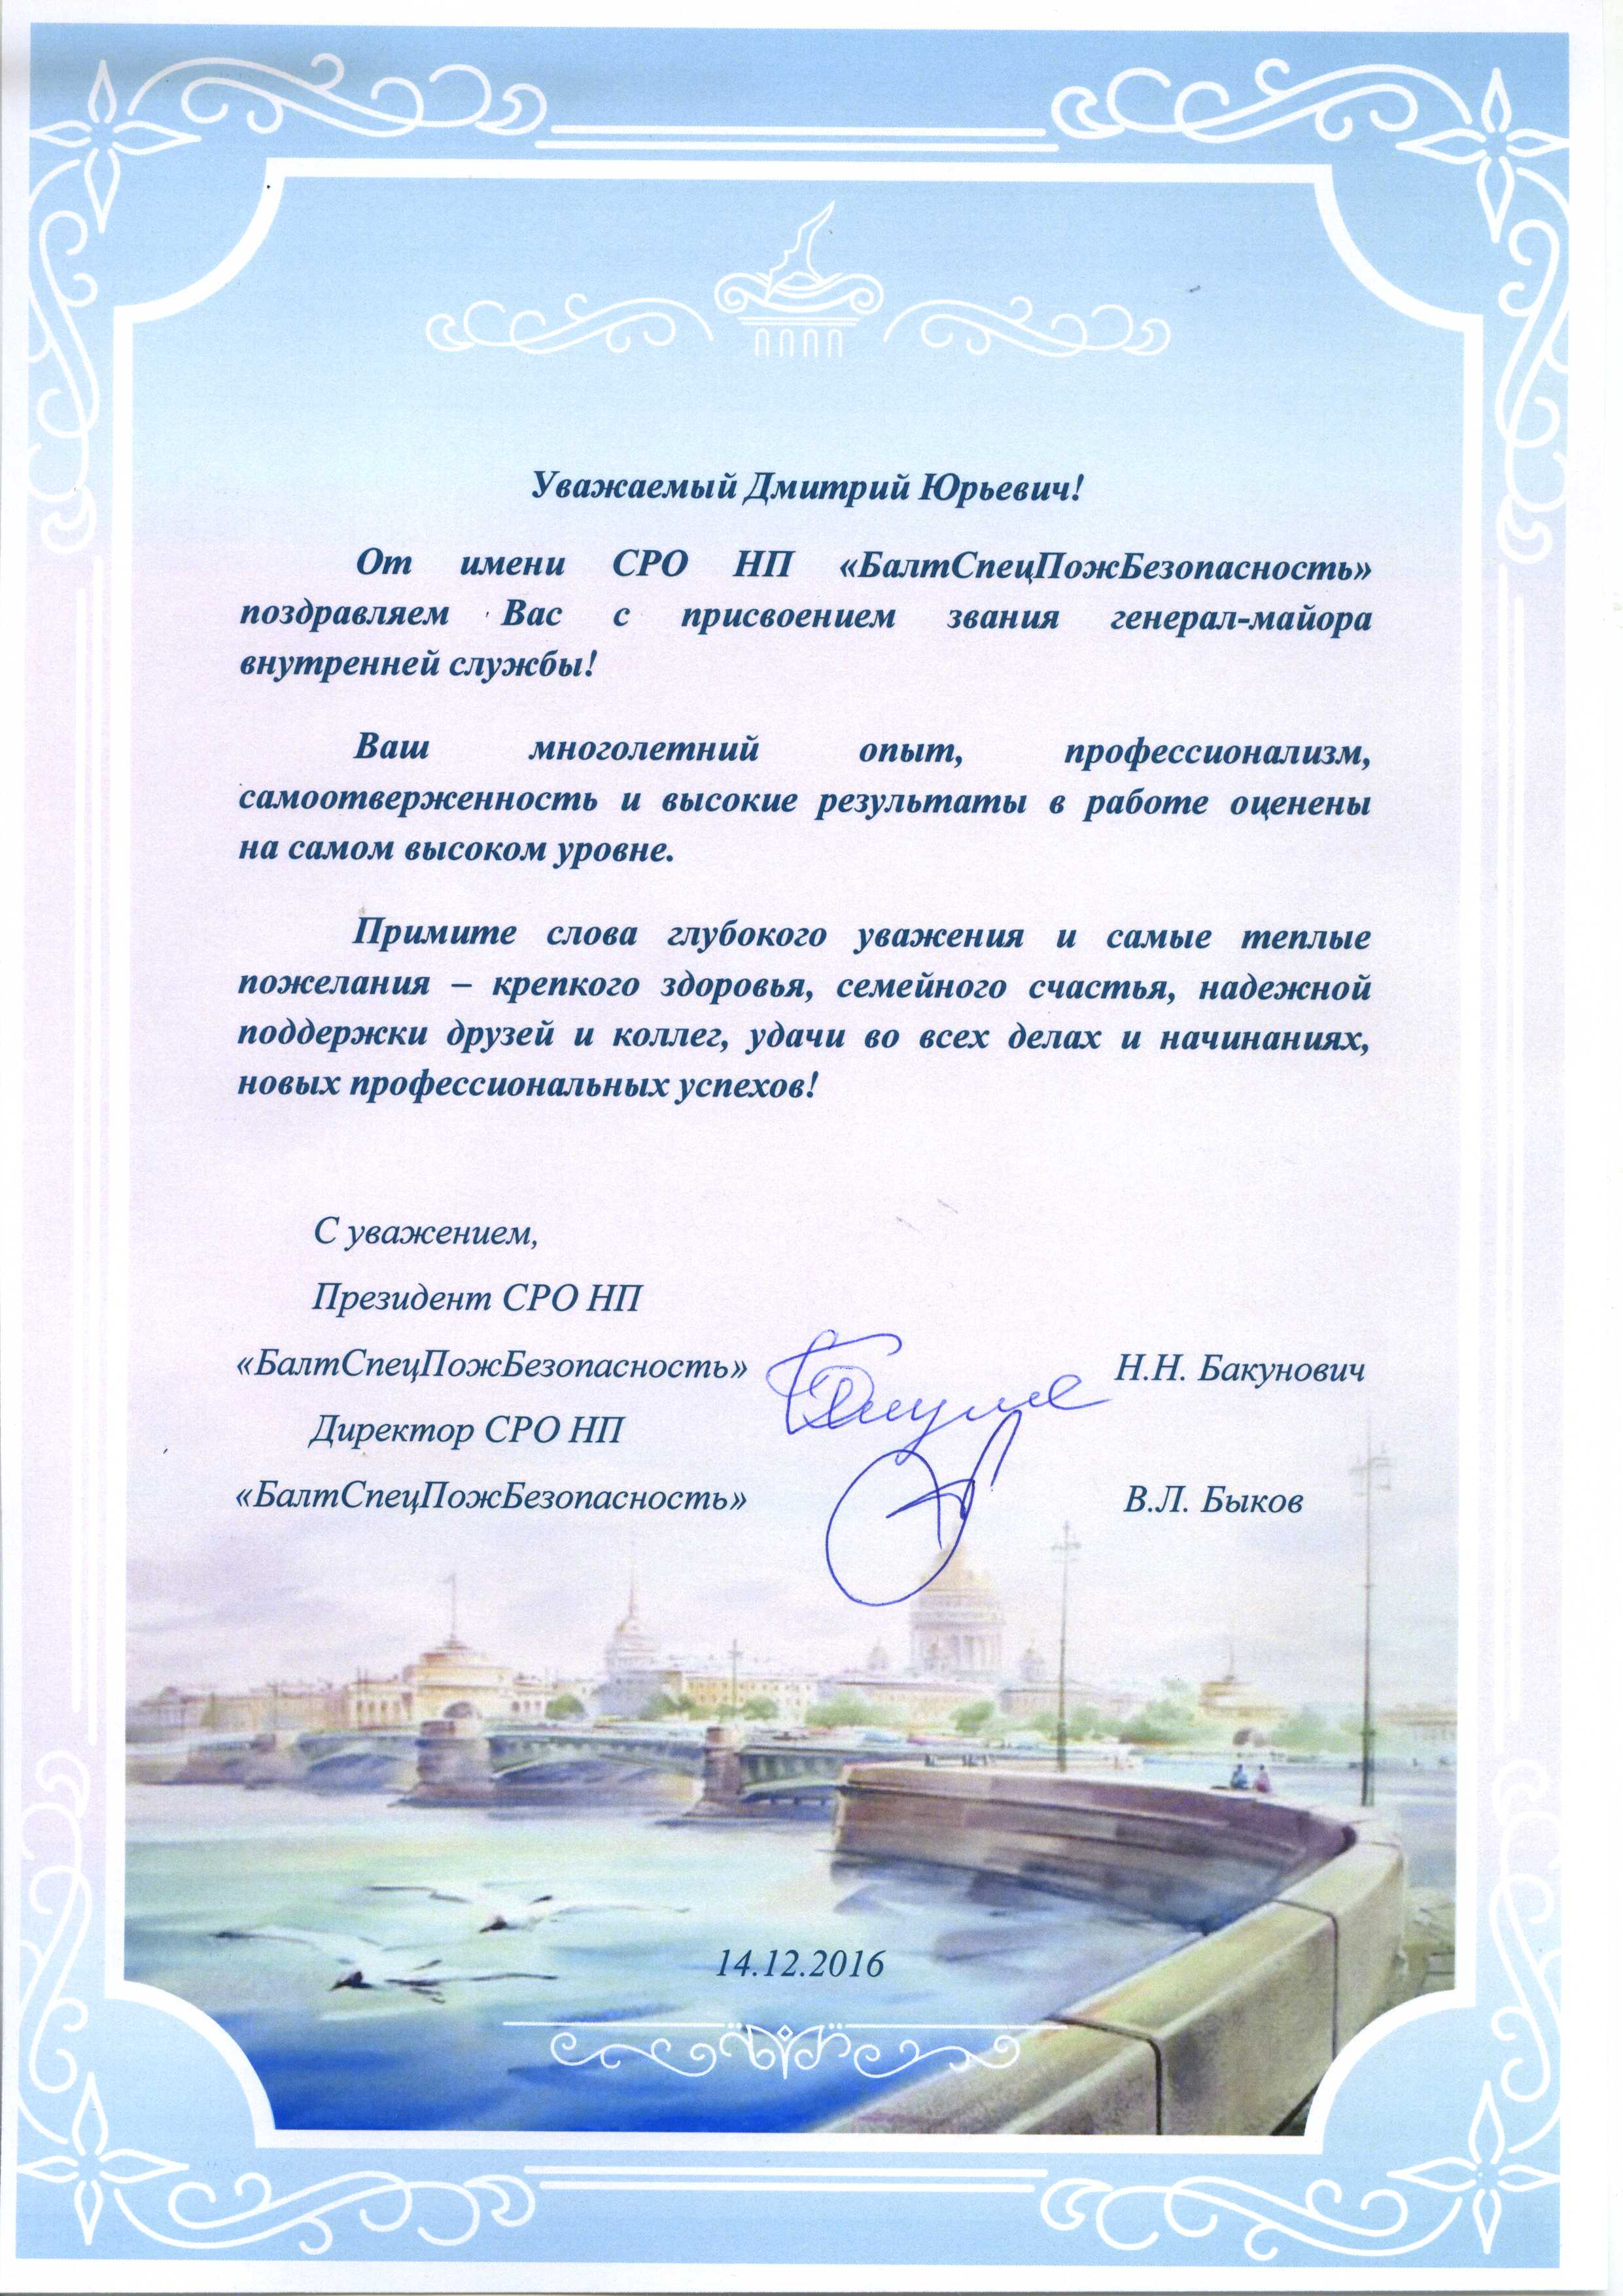 Поздравление с присвоением звания генерал